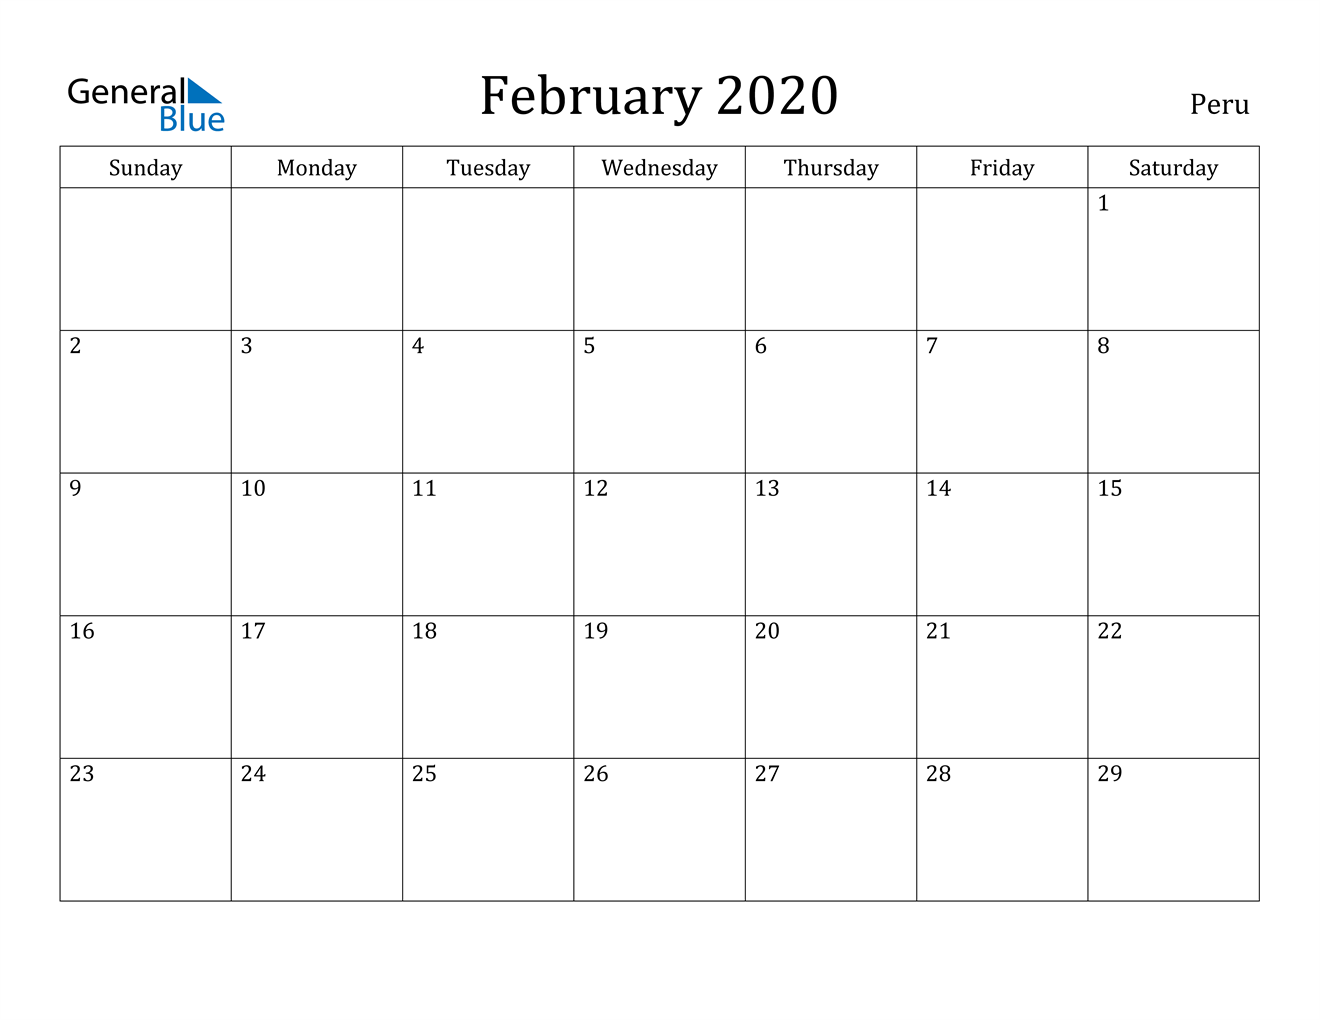 Image of February 2020 Peru Calendar with Holidays Calendar